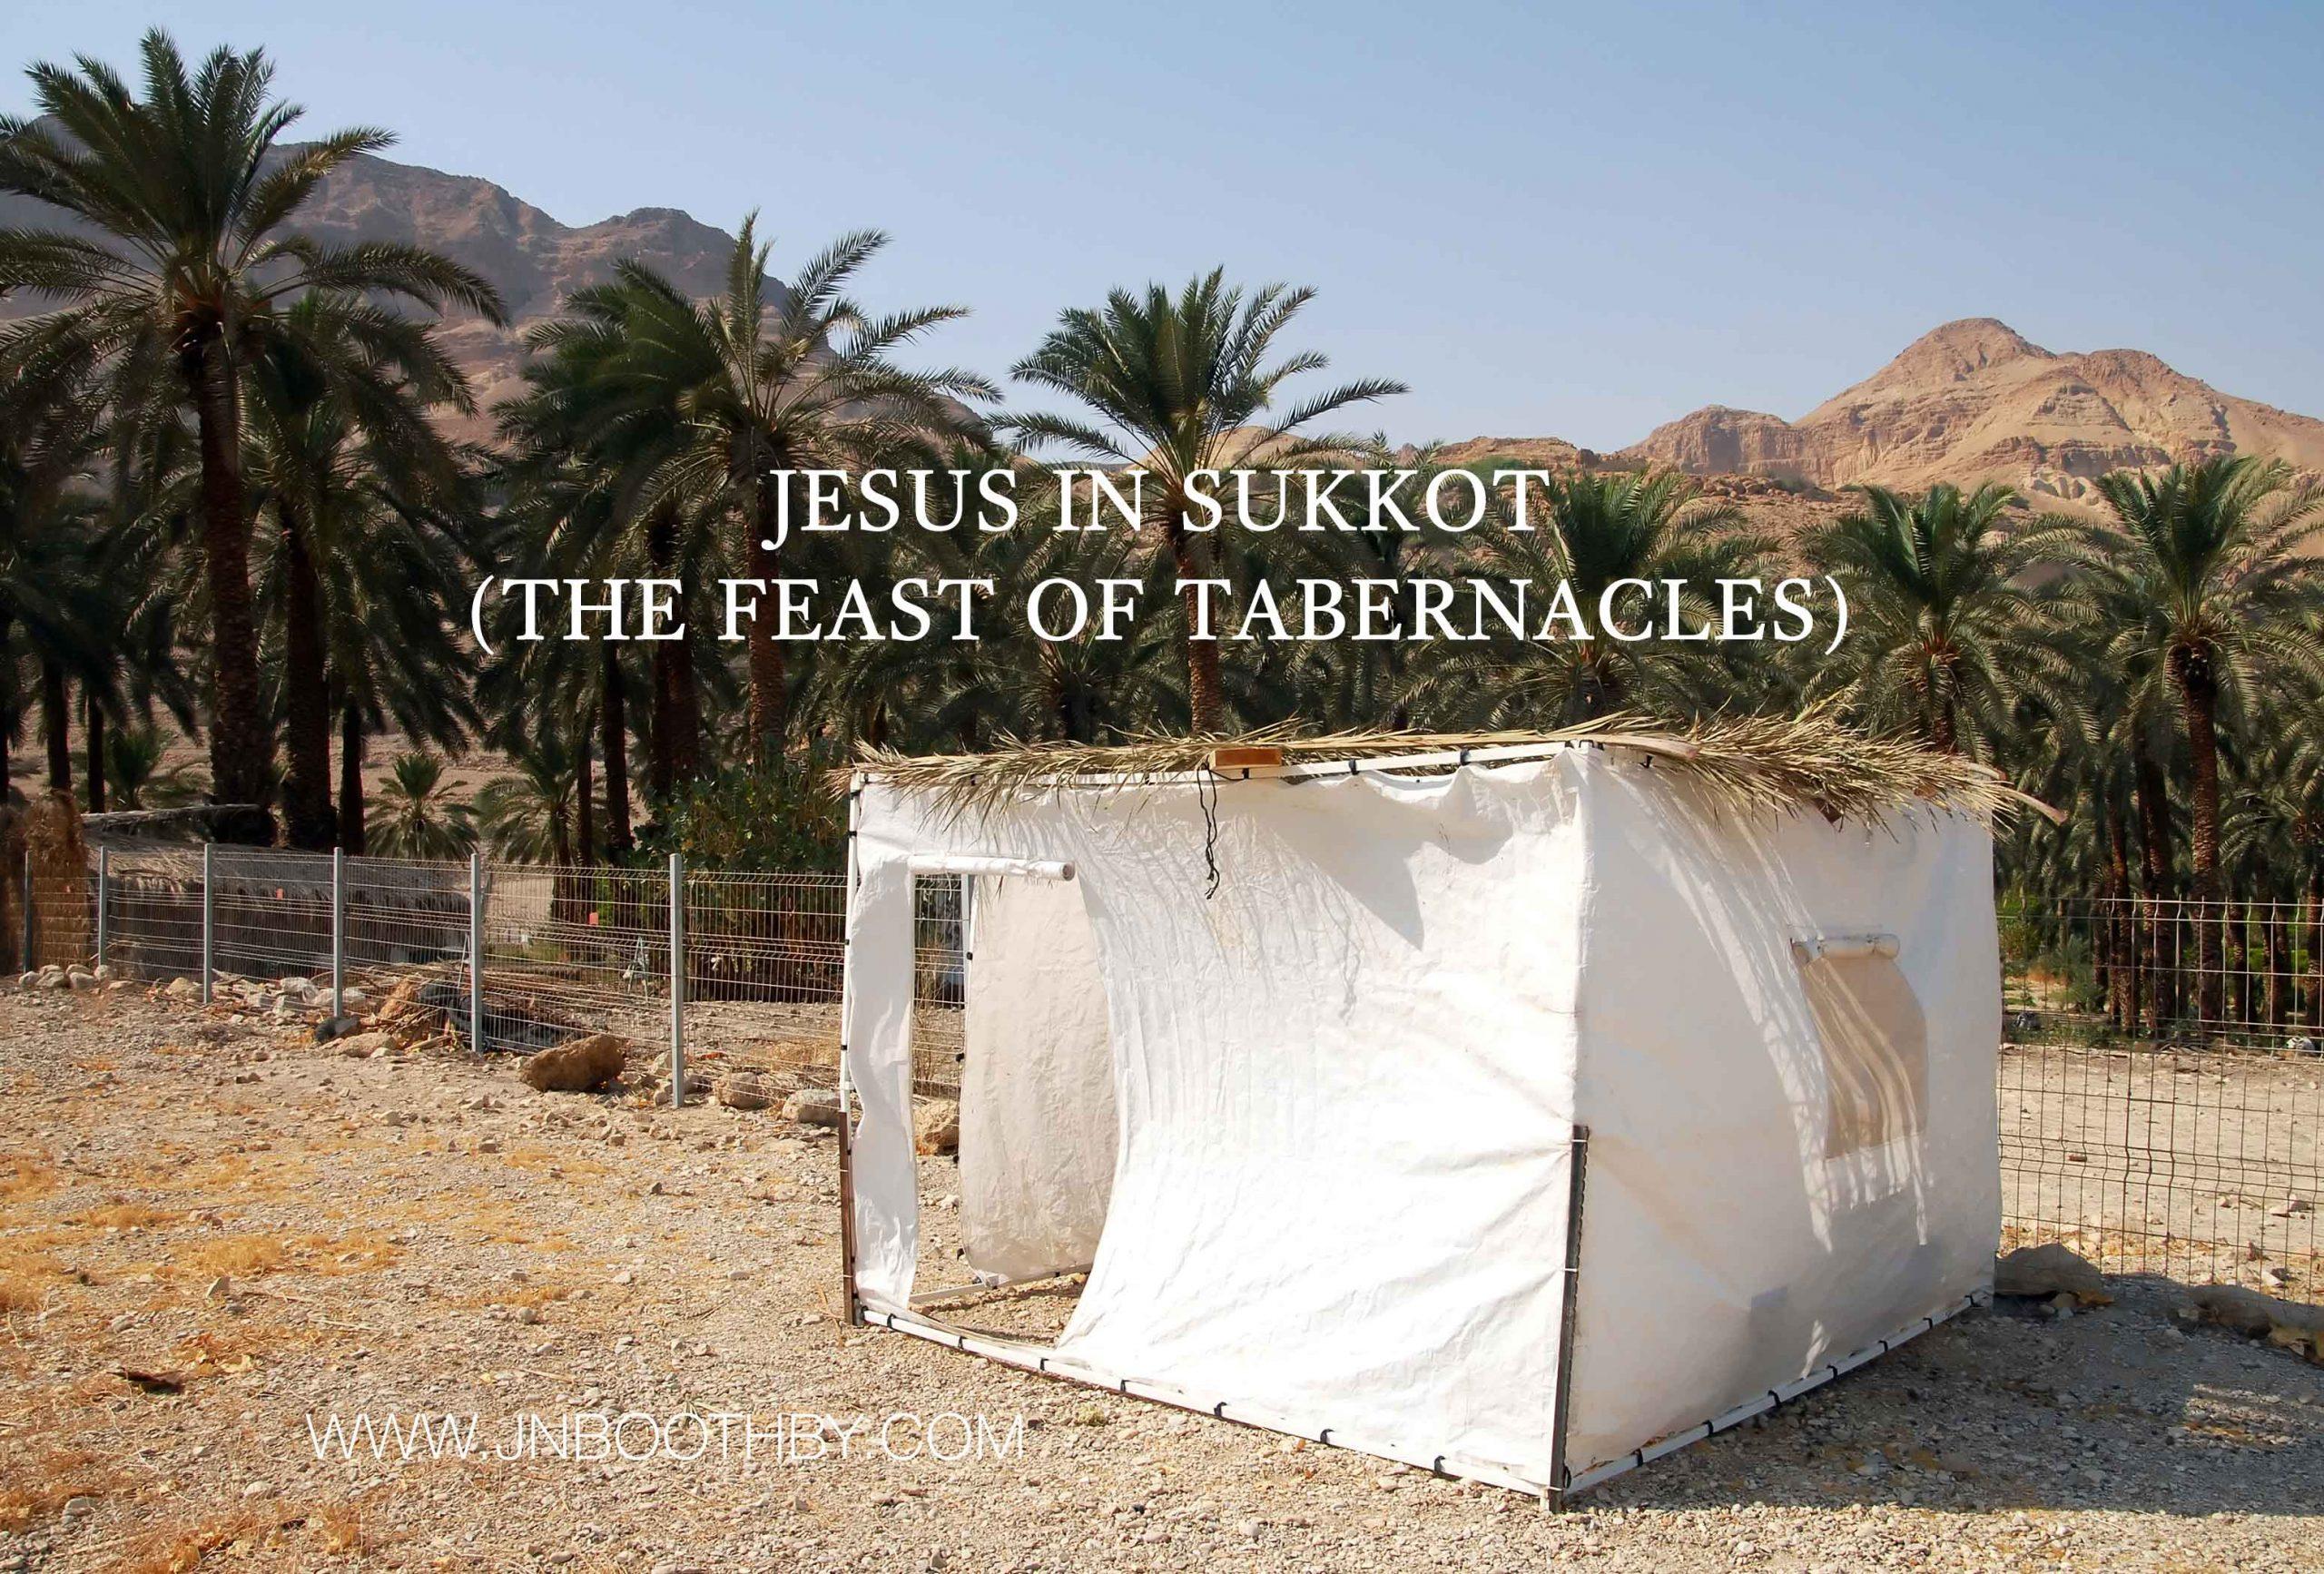 Jesus In Sukkot